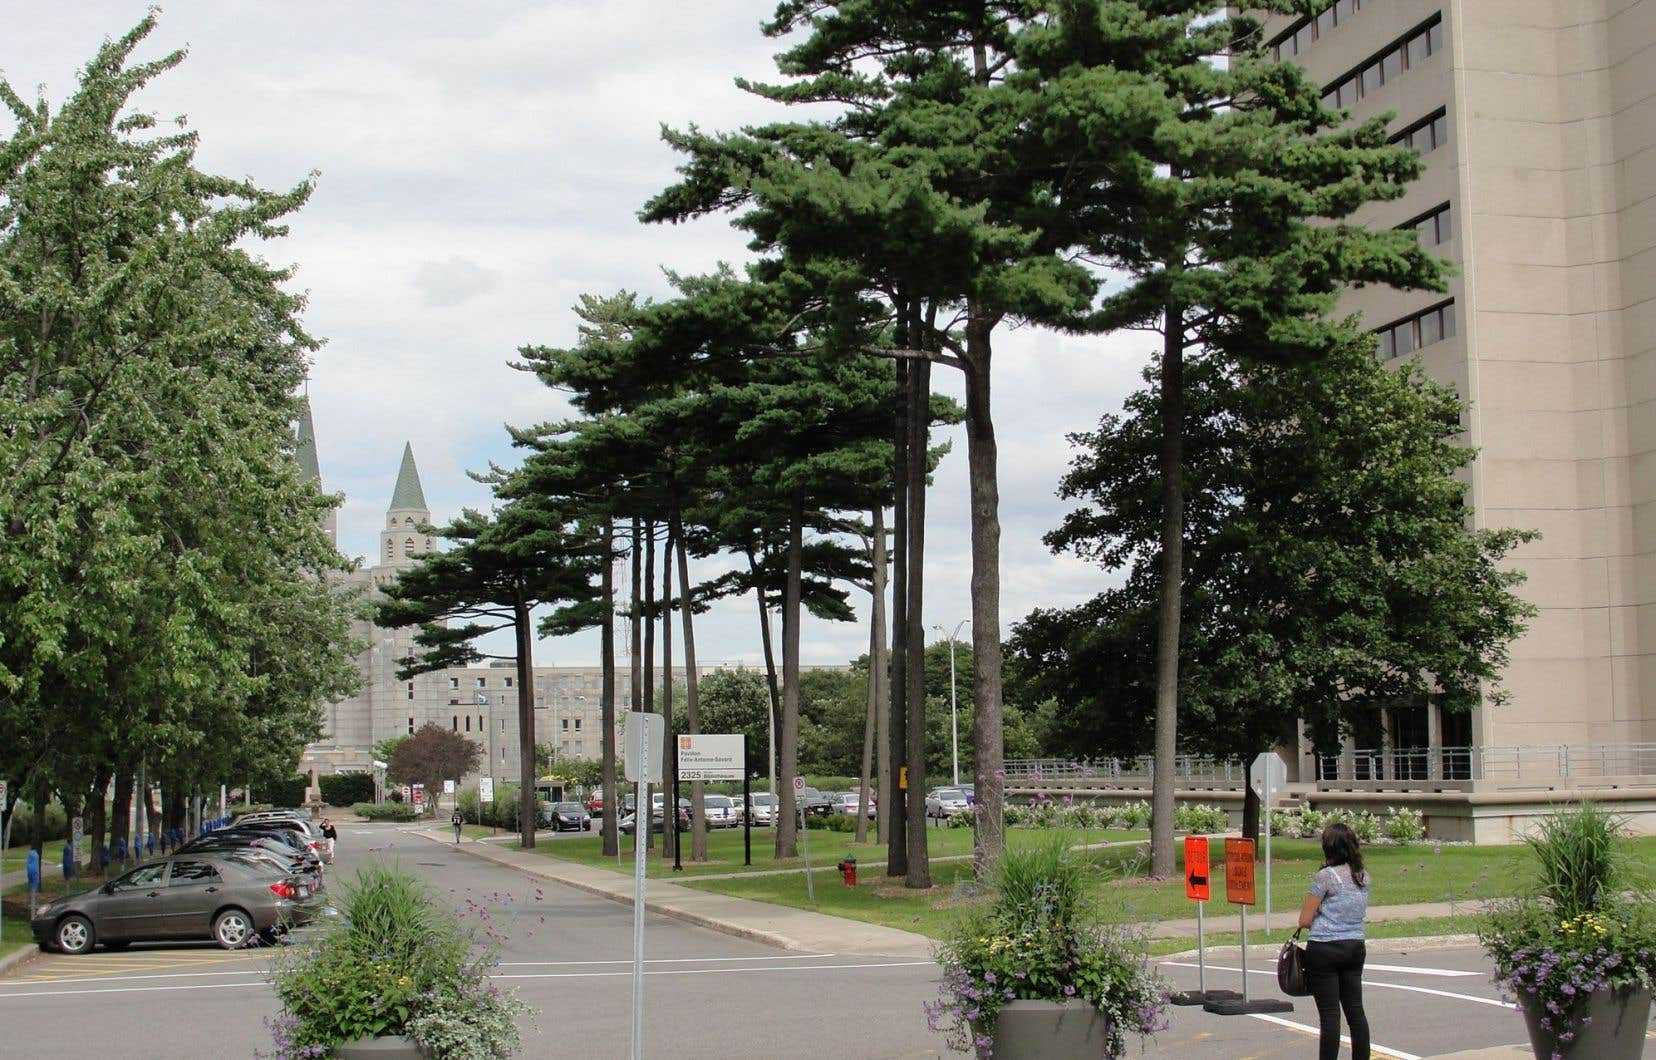 Les autorités ont levé le voile sur «près d'une dizaine» de plaintes liées à l'introduction de suspects dans les chambres des résidences universitaires de l'Université Laval.